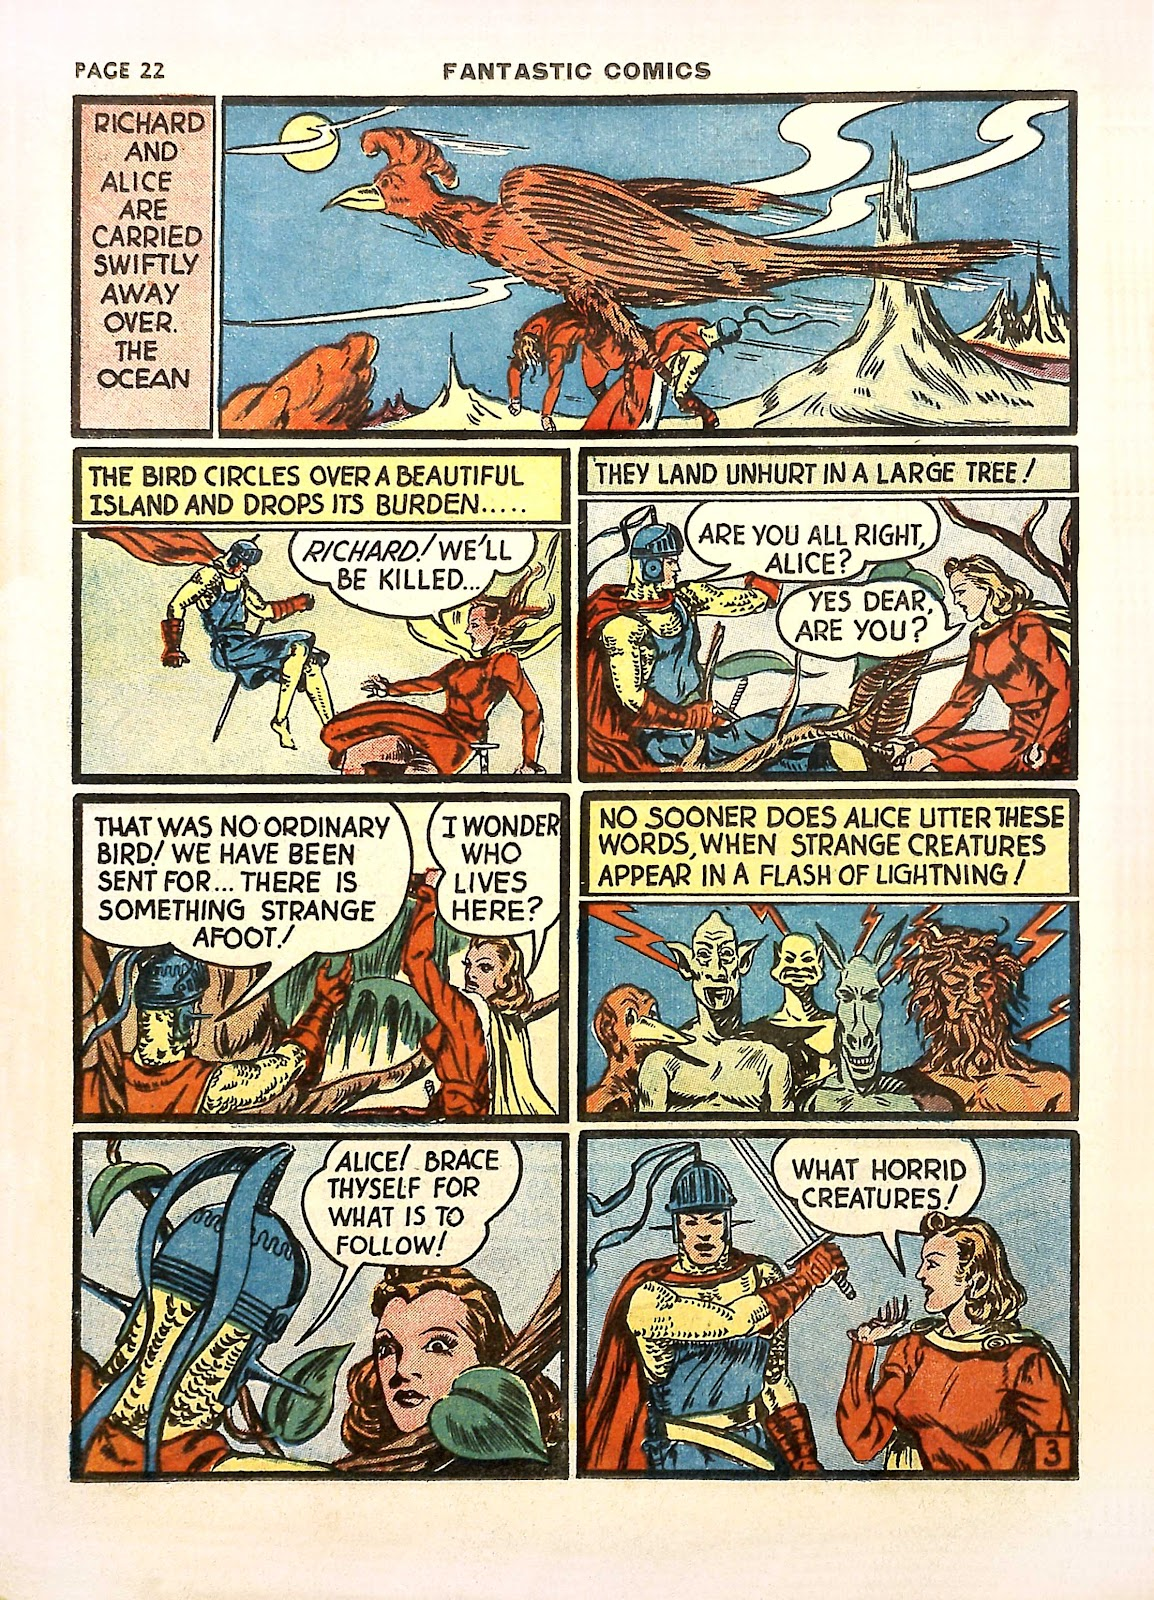 Read online Fantastic Comics comic -  Issue #11 - 25